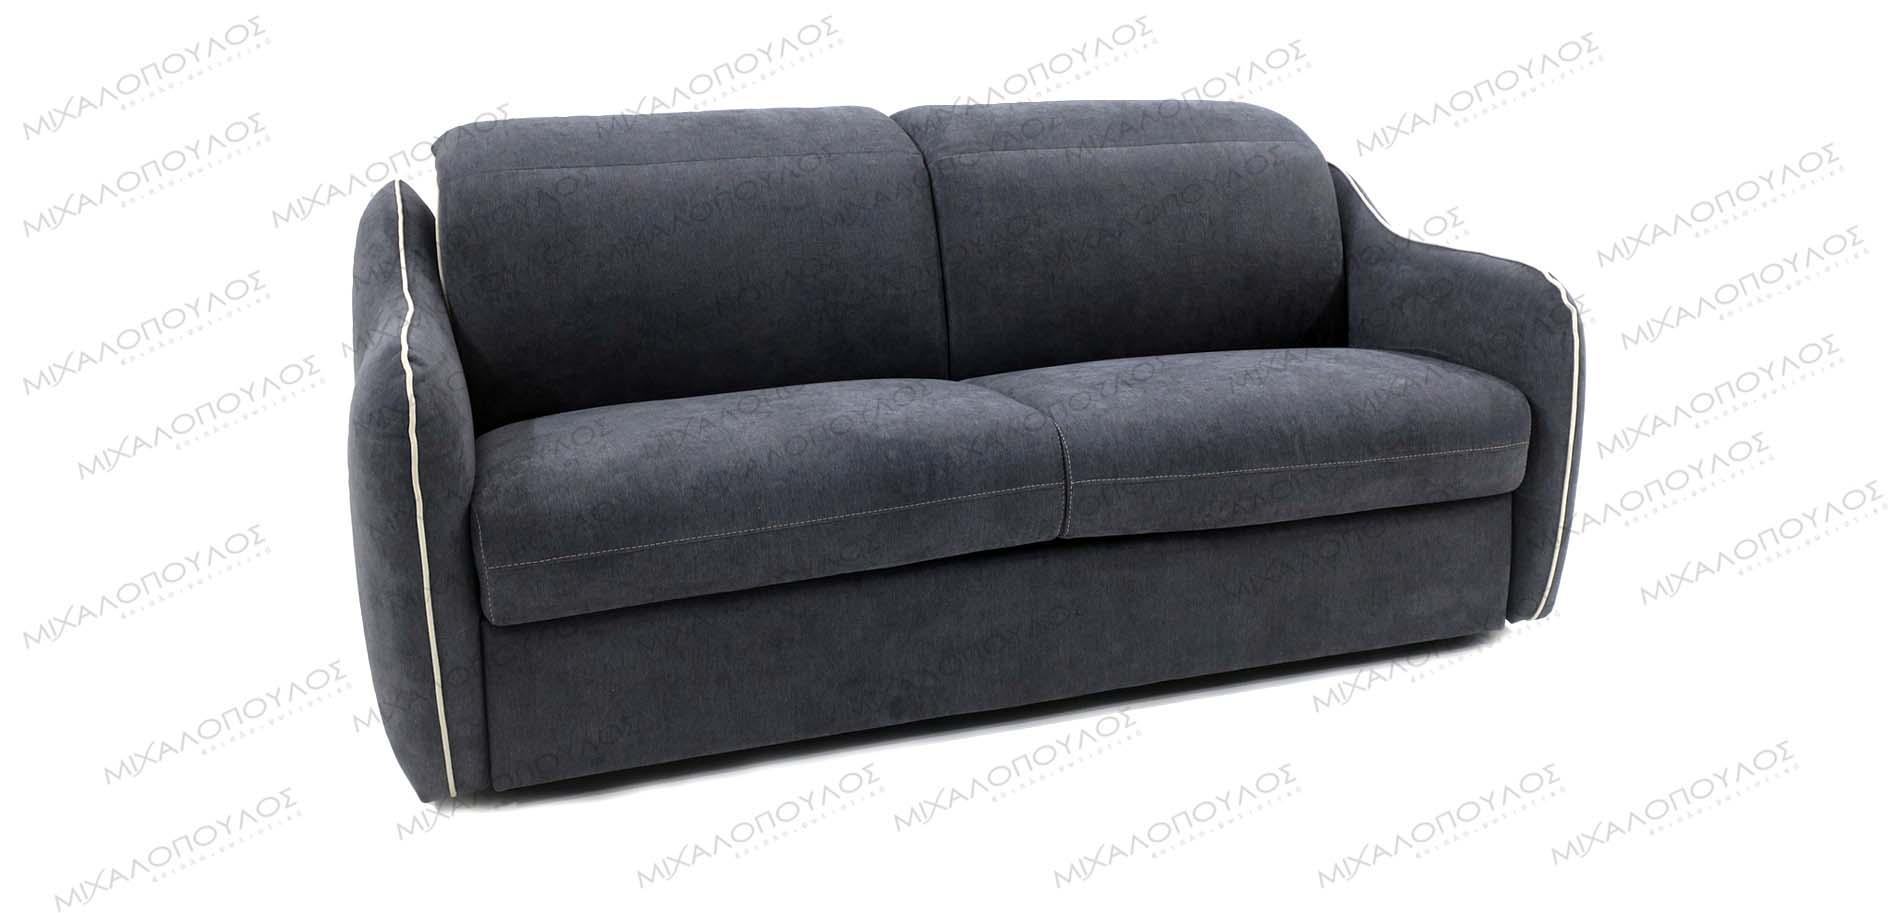 Ιταλικός καναπές κρεβάτι